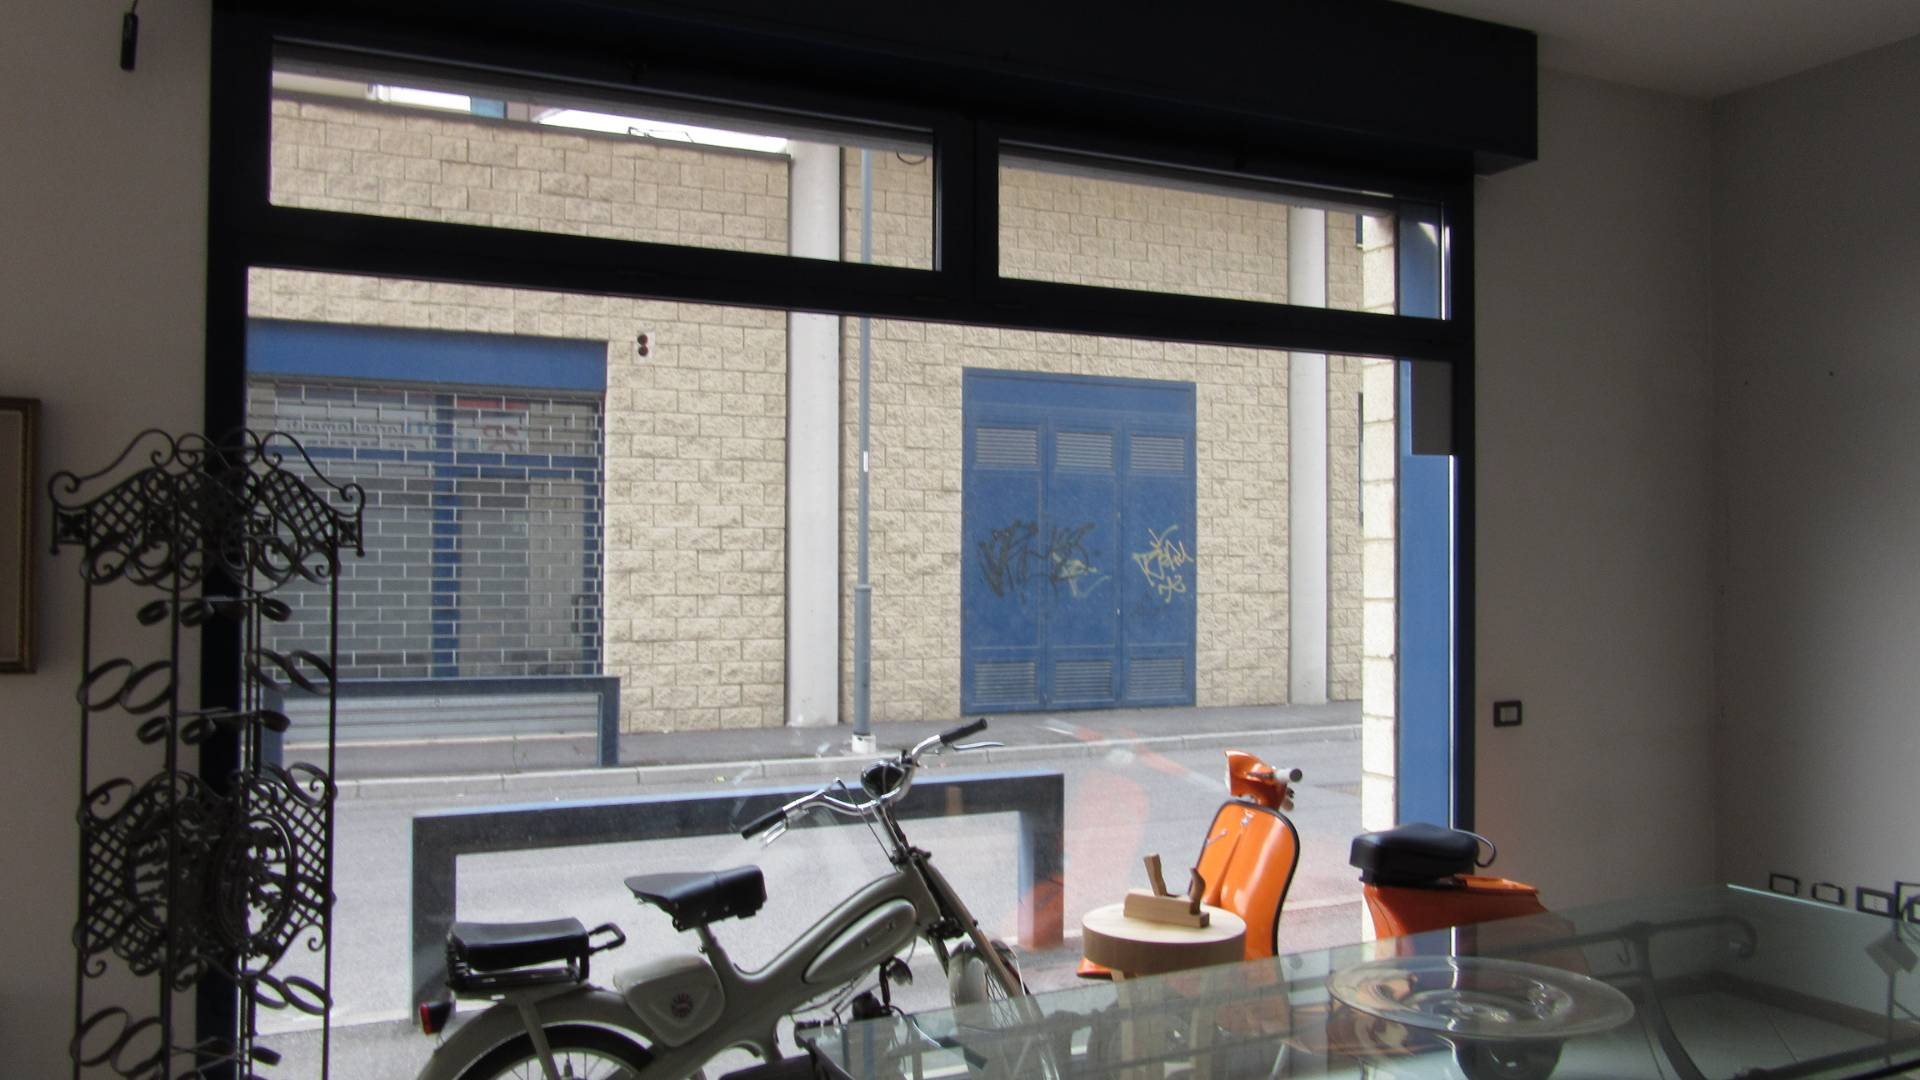 Negozio / Locale in affitto a Sarezzo, 9999 locali, prezzo € 950 | CambioCasa.it